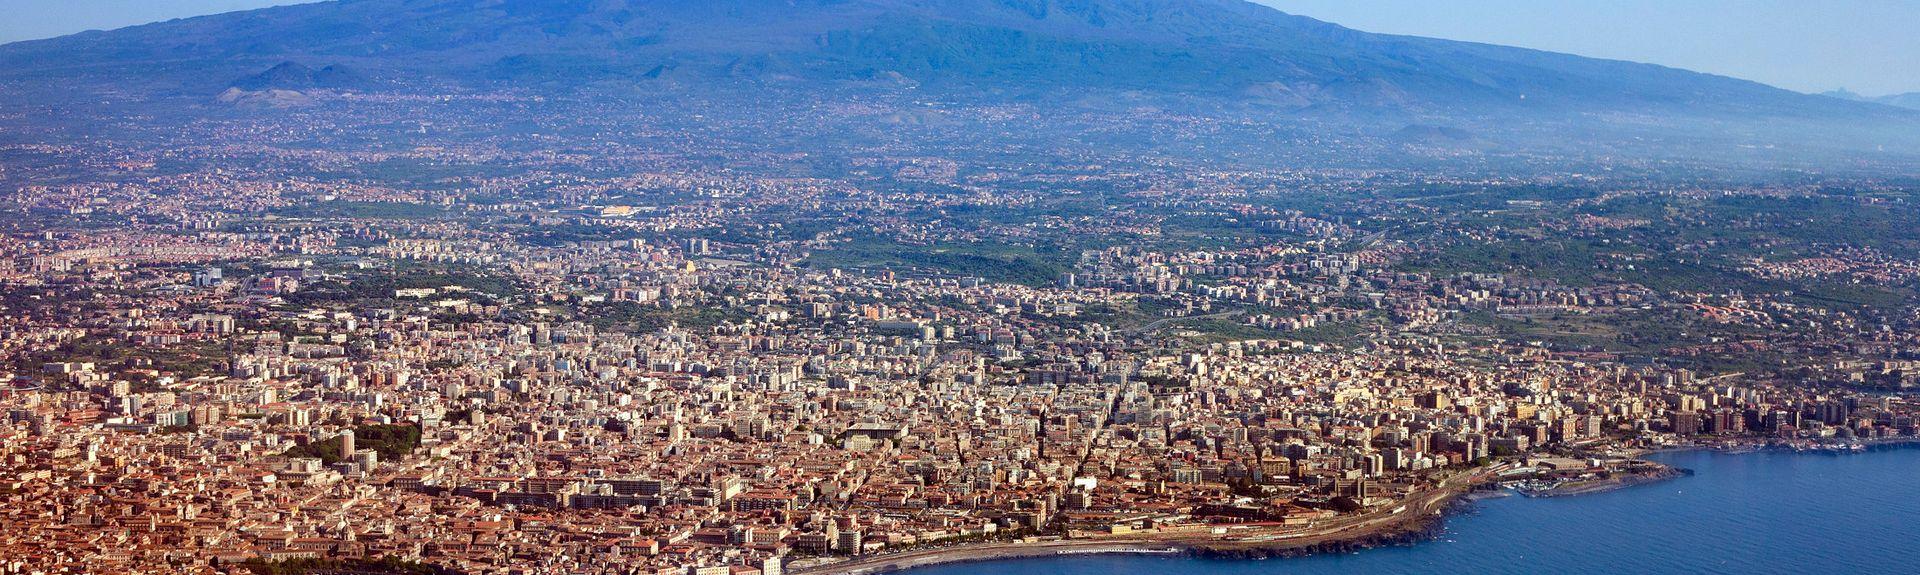 Gaggi, Sicilia, Italia